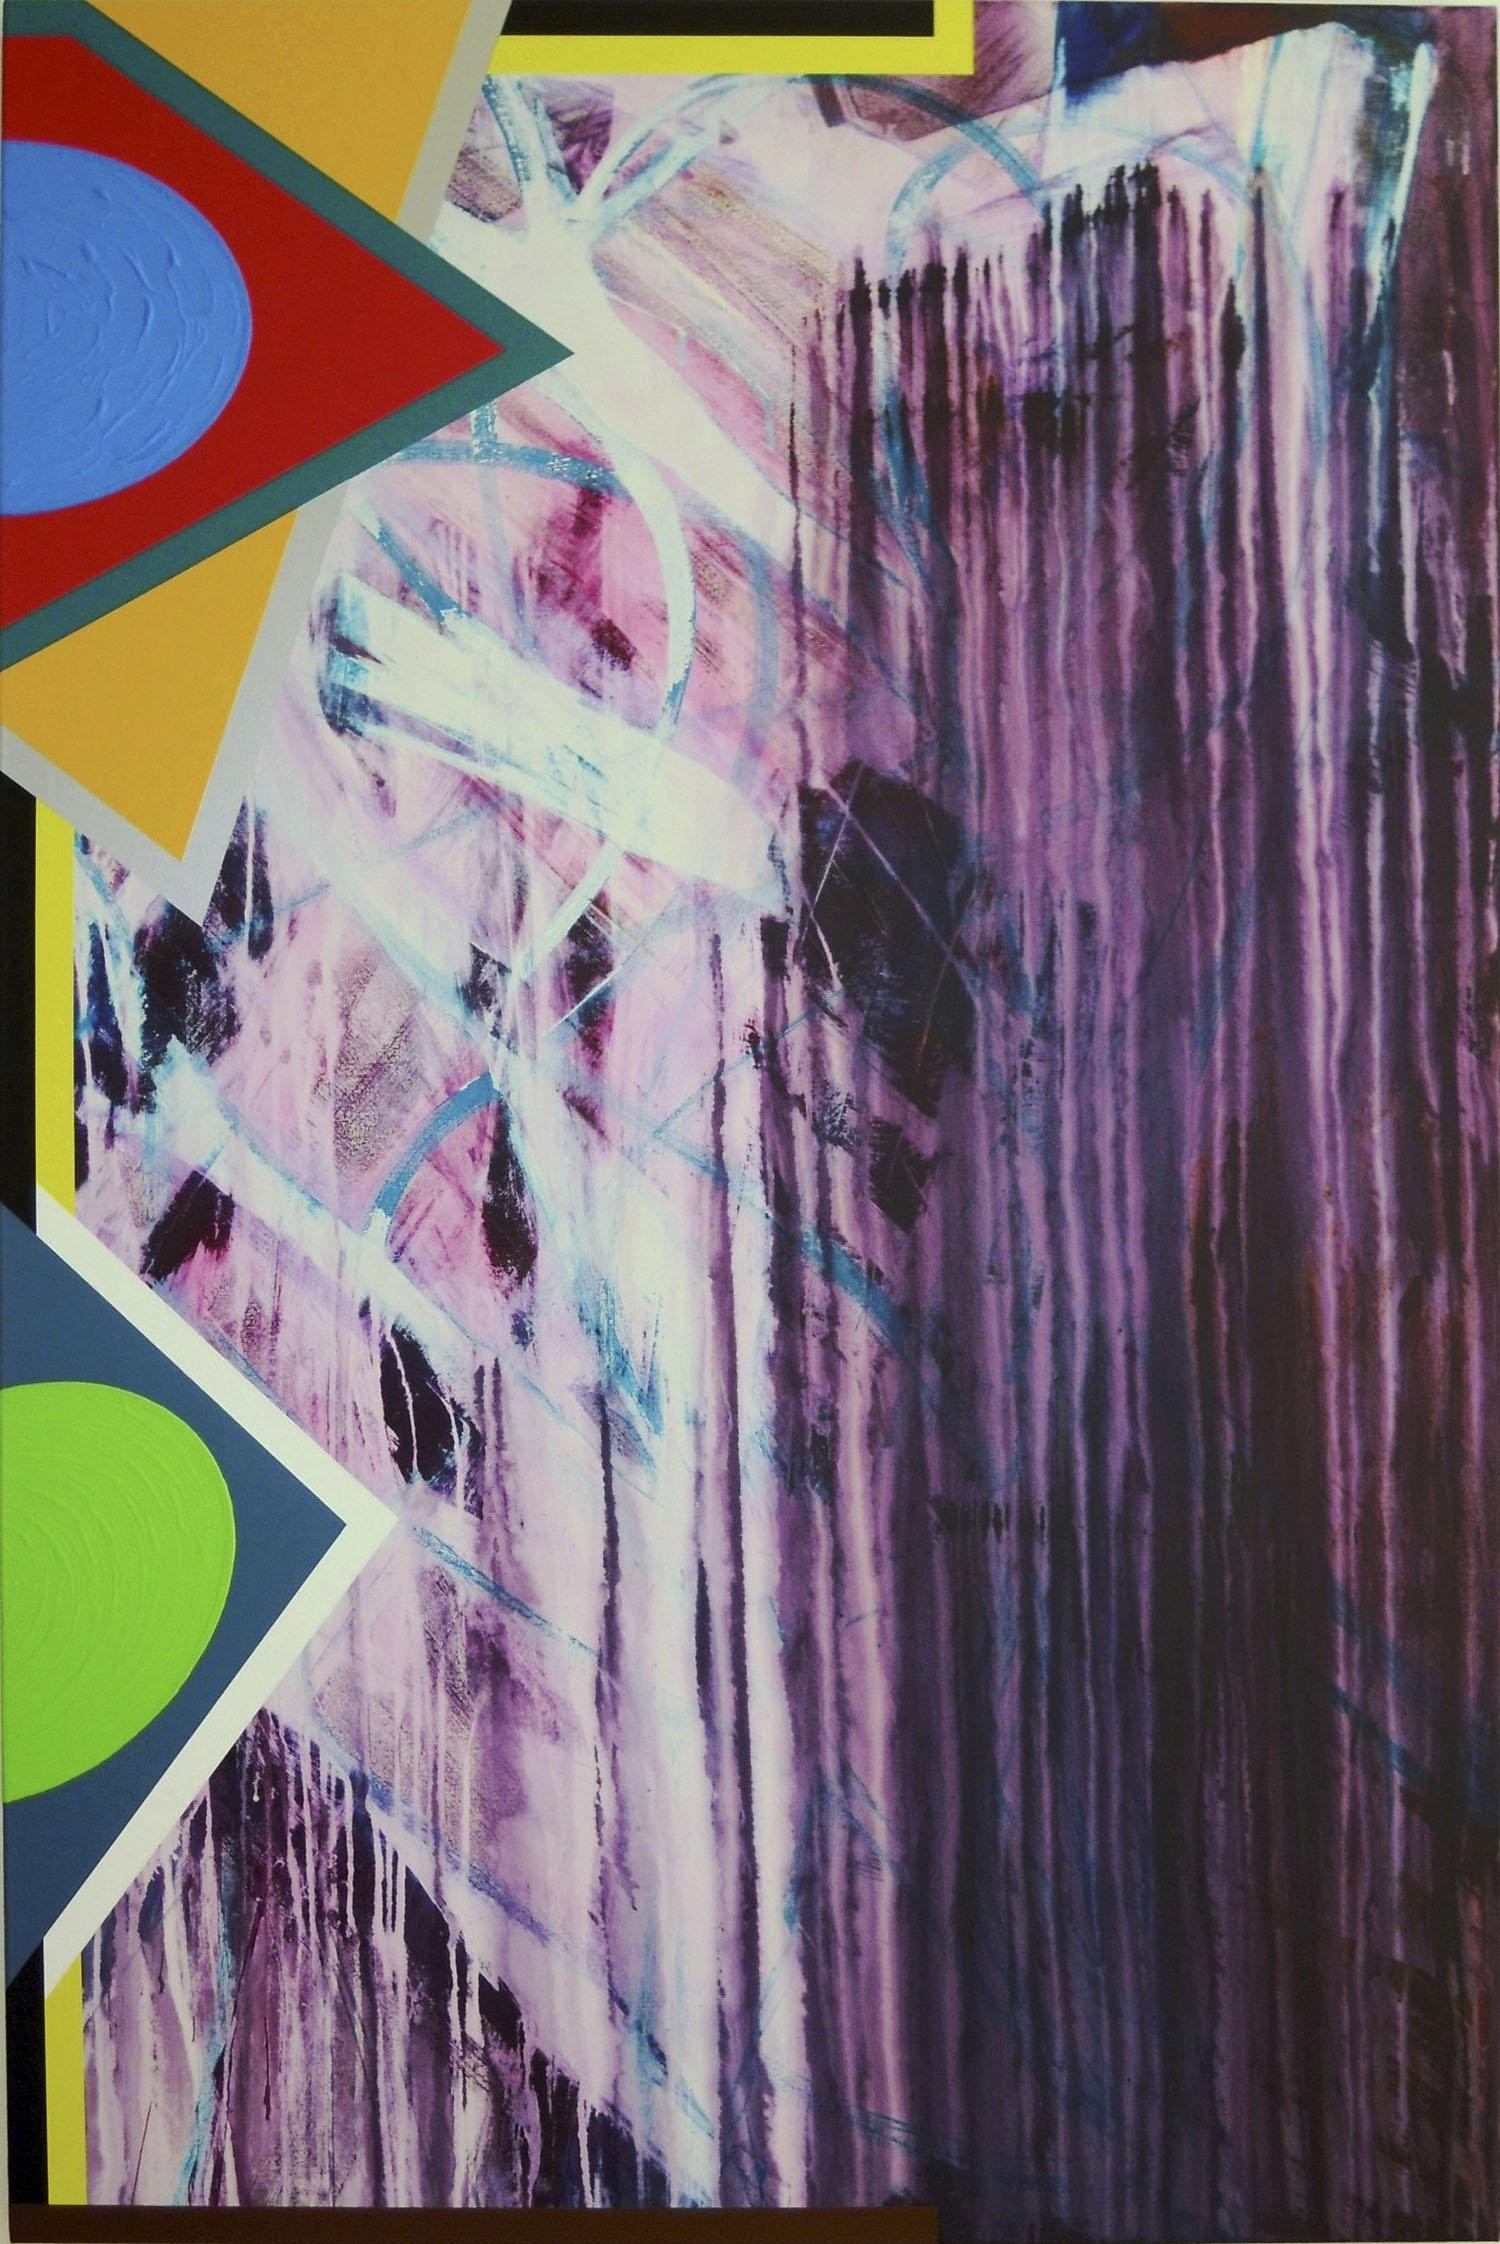 F18X12 (Bild-120) | Acryl auf Leinwand | 2010 | 180 x 120 cm